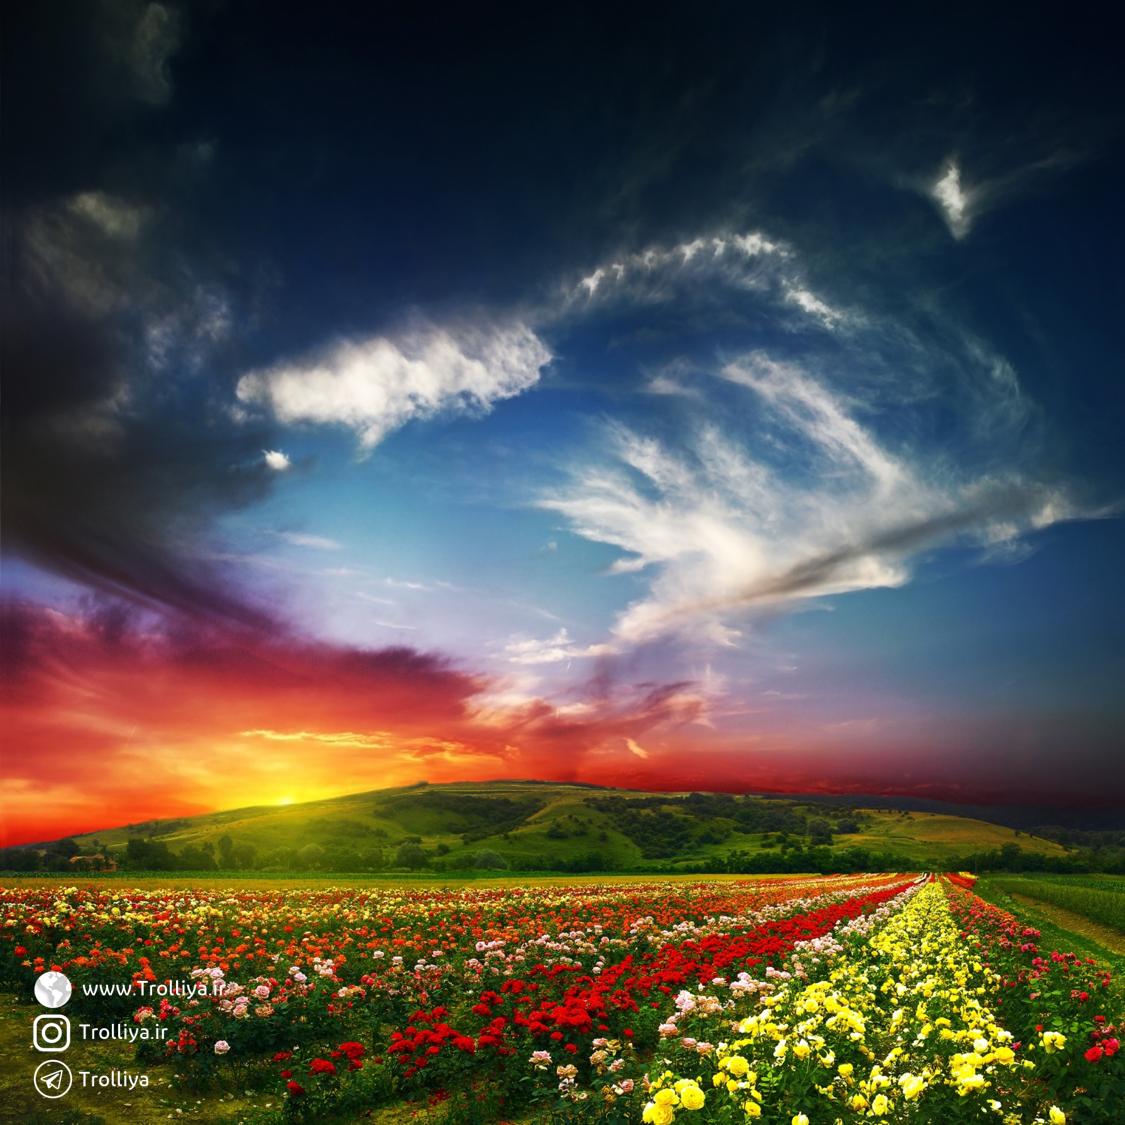 دانلود والپیپر دشت گل | flower land